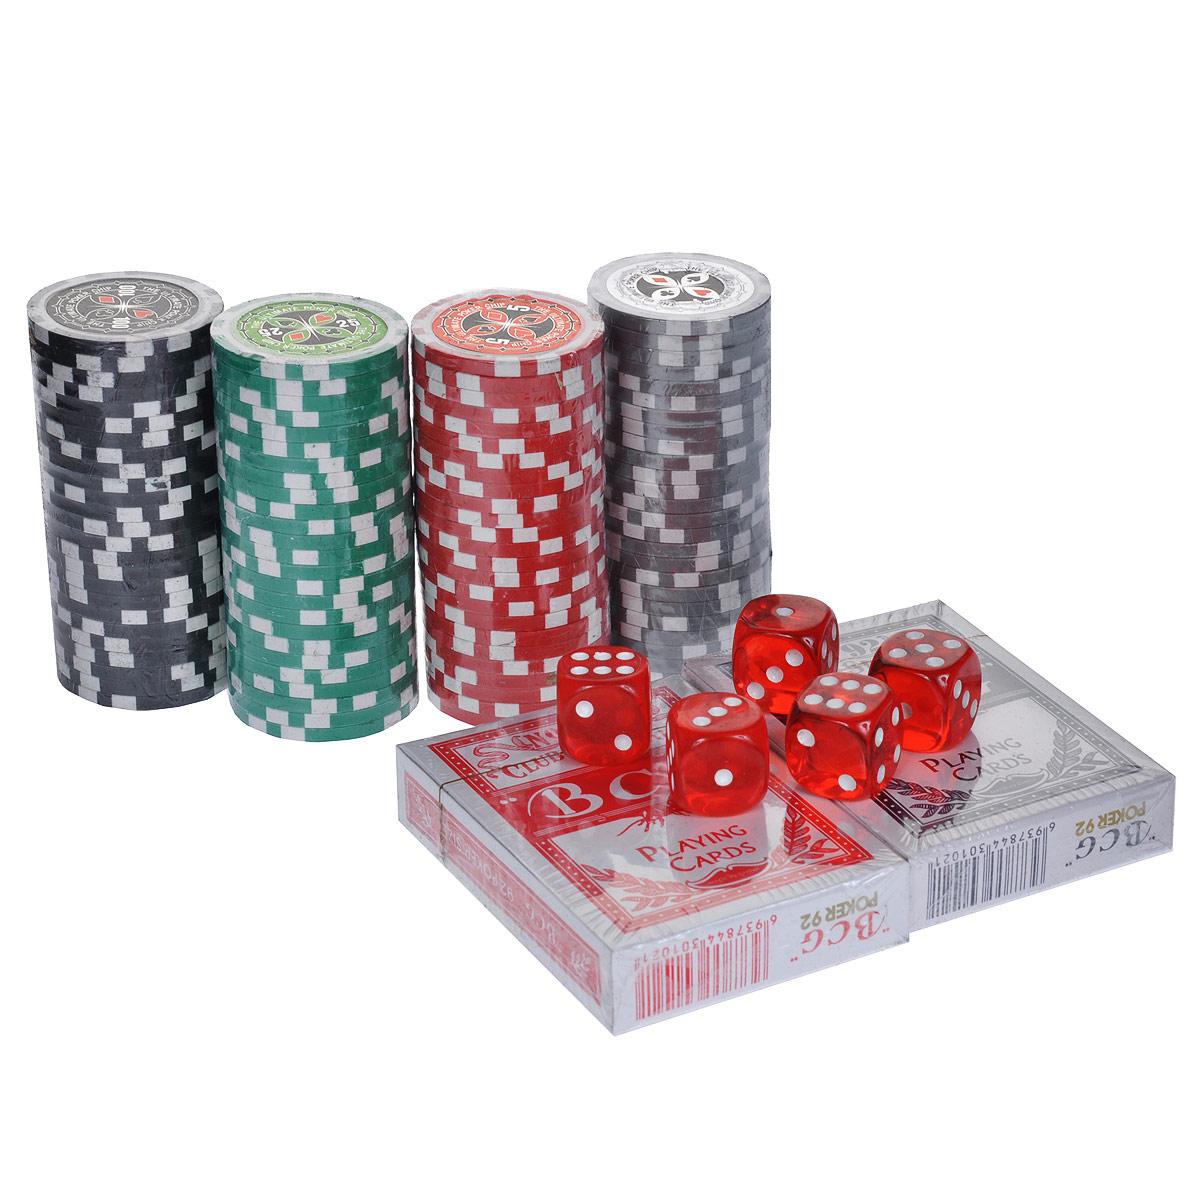 Набор для покера Poker Set, размер: 20x20x8 см. ГД5/100кГД5/100кНабор для игры в покер - то, что нужно для отличного проведения досуга. Набор состоит из двух колод игральных карт, 100 игровых пластиковых фишек, 5 игральных кубиков и фишки Dealer. Набор фишек включает 25 фишек белого цвета с номиналом 1, 25 фишек красного цвета c номиналом 25, 25 фишек зеленого цвета с номиналом 25 и 25 фишек черного цвета с номиналом 100. Предметы набора хранятся в металлическом кейсе, закрывающемся на ключ. Такой набор станет отличным подарком для любителей покера. Покер (англ. poker) - карточная игра, цель которой - выиграть ставки, собрав как можно более высокую покерную комбинацию, используя 5 карт, или вынудив всех соперников прекратить участвовать в игре. Игра идет с полностью или частично закрытыми картами. Покер как карточная игра существует более 500 лет. Зародился он в Европе: в Испании, Франции, Италии. С течением времени правила покера менялись. Первые письменные упоминания о современном варианте покера появляются в...